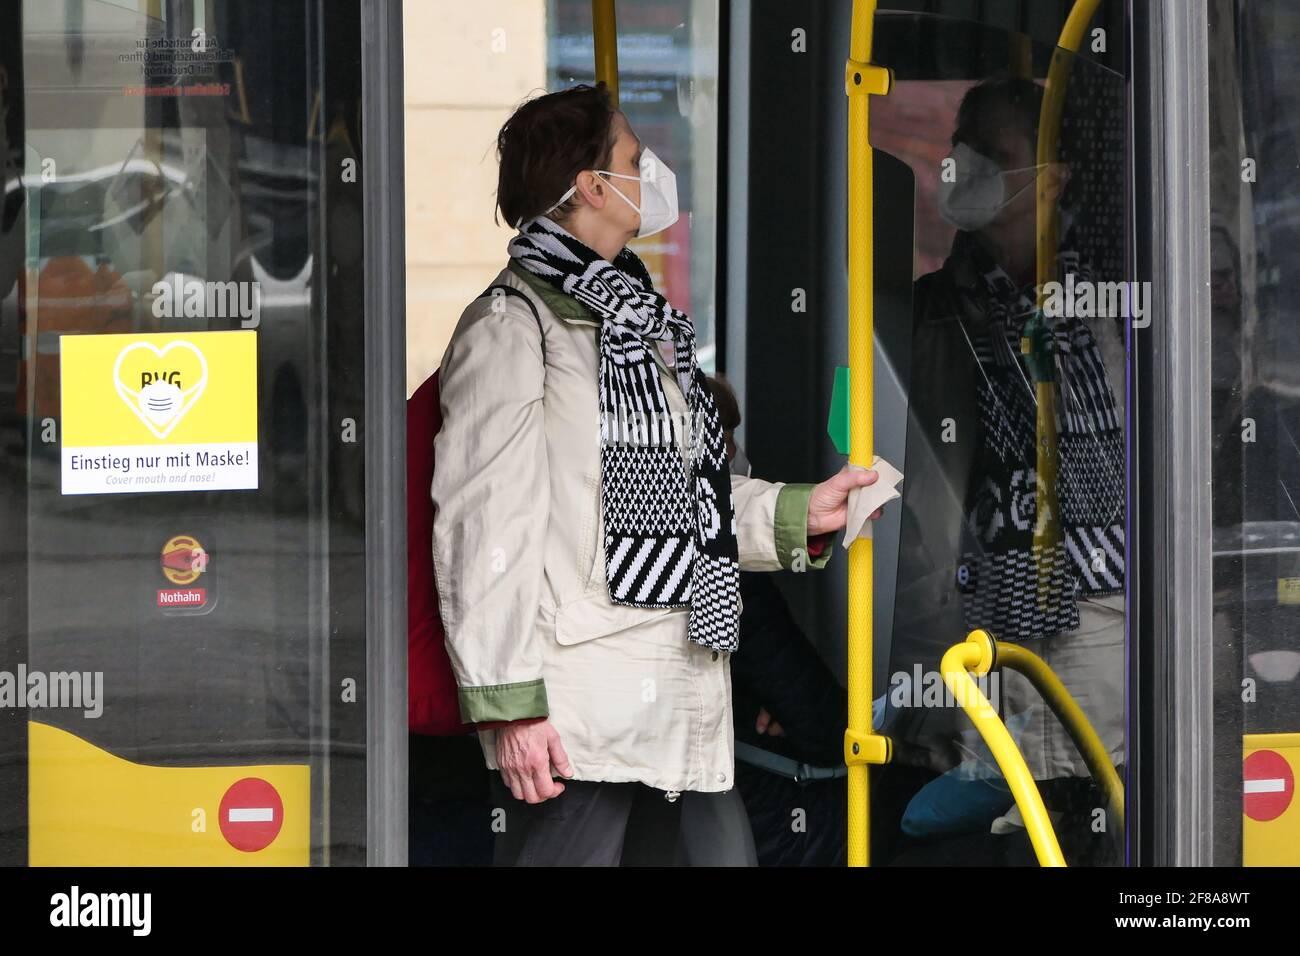 Berlino, Germania. 12 Aprile 2021. Un passeggero che indossa una maschera si trova su un autobus a Berlino, capitale della Germania, il 12 aprile 2021. Più di tre milioni di infezioni COVID-19 sono state registrate in Germania lunedì dallo scoppio della pandemia, secondo il Robert Koch Institute (RKI). Credit: Stefan Zeitz/Xinhua/Alamy Live News Foto Stock